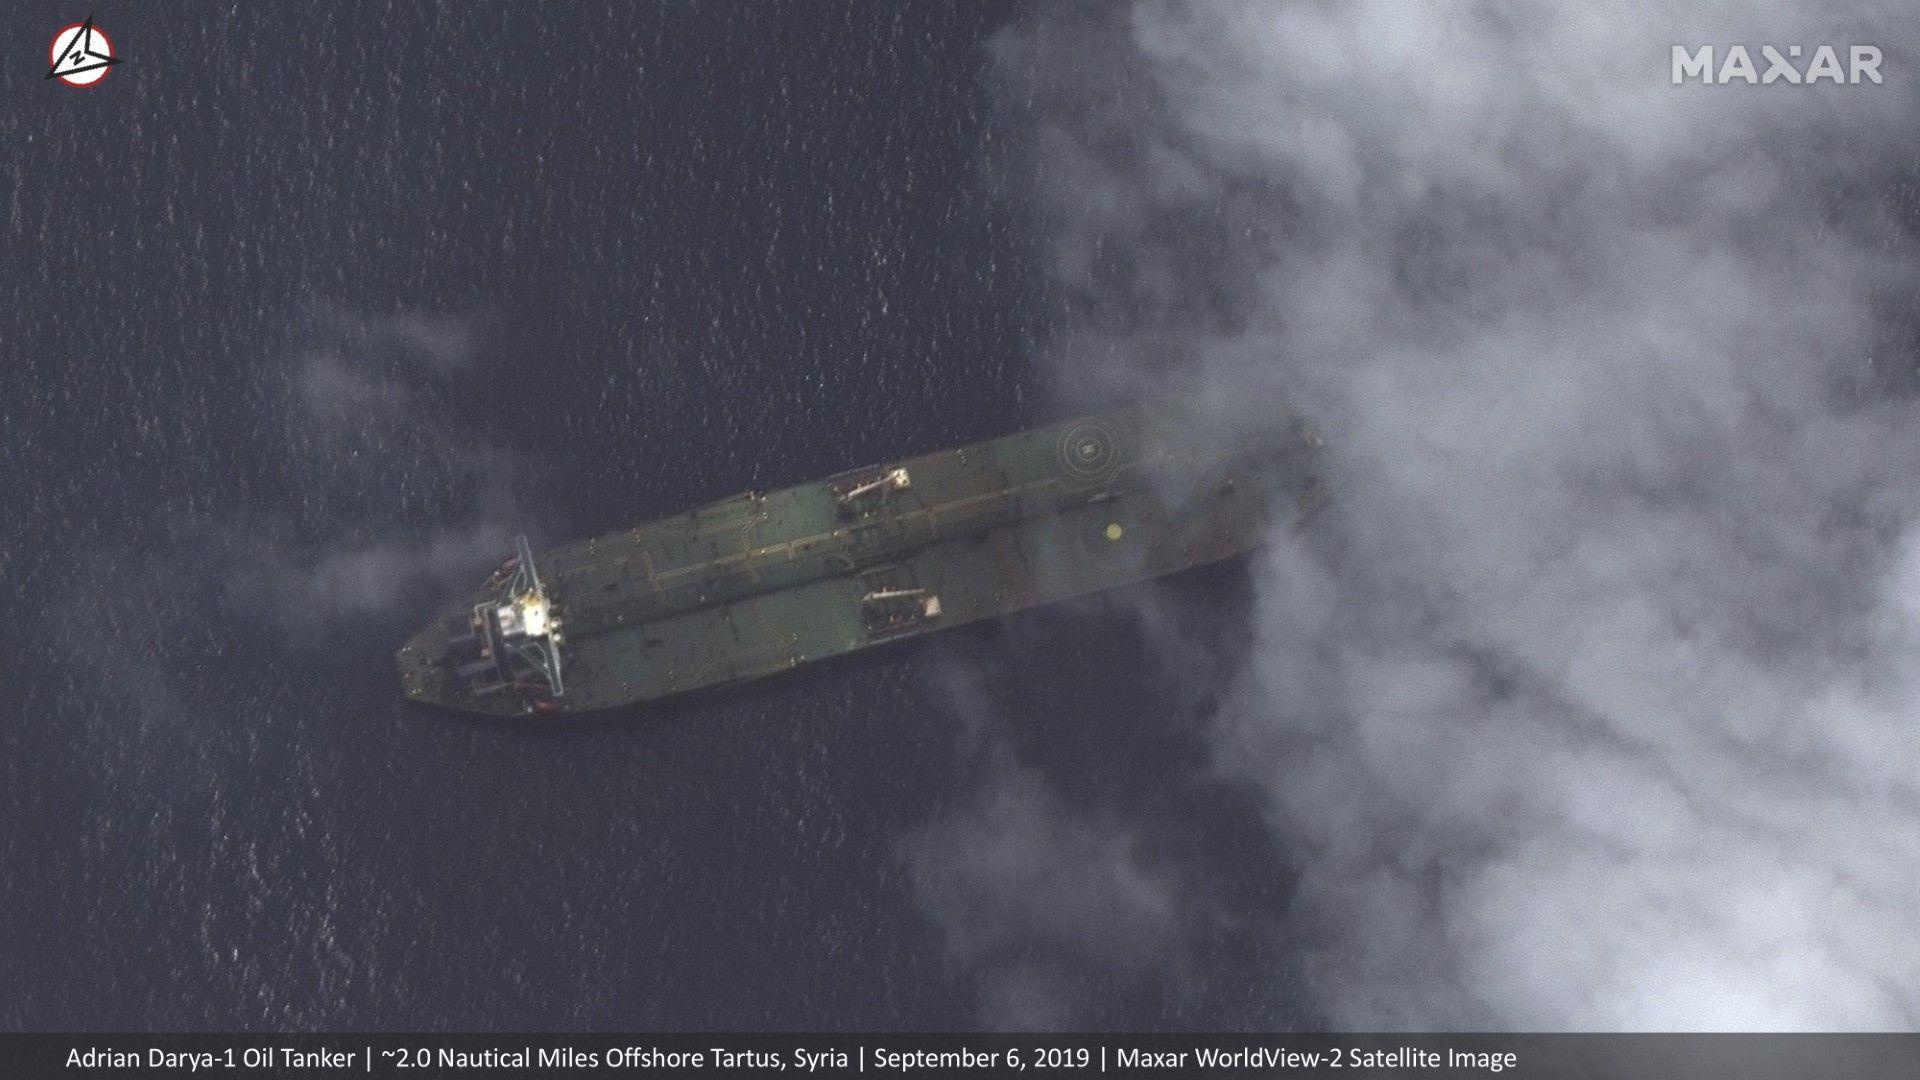 """Сателитни снимки на """"Максар текнолъджиз"""" показват танкера """"Адриан Даря 1"""" край Сирия"""